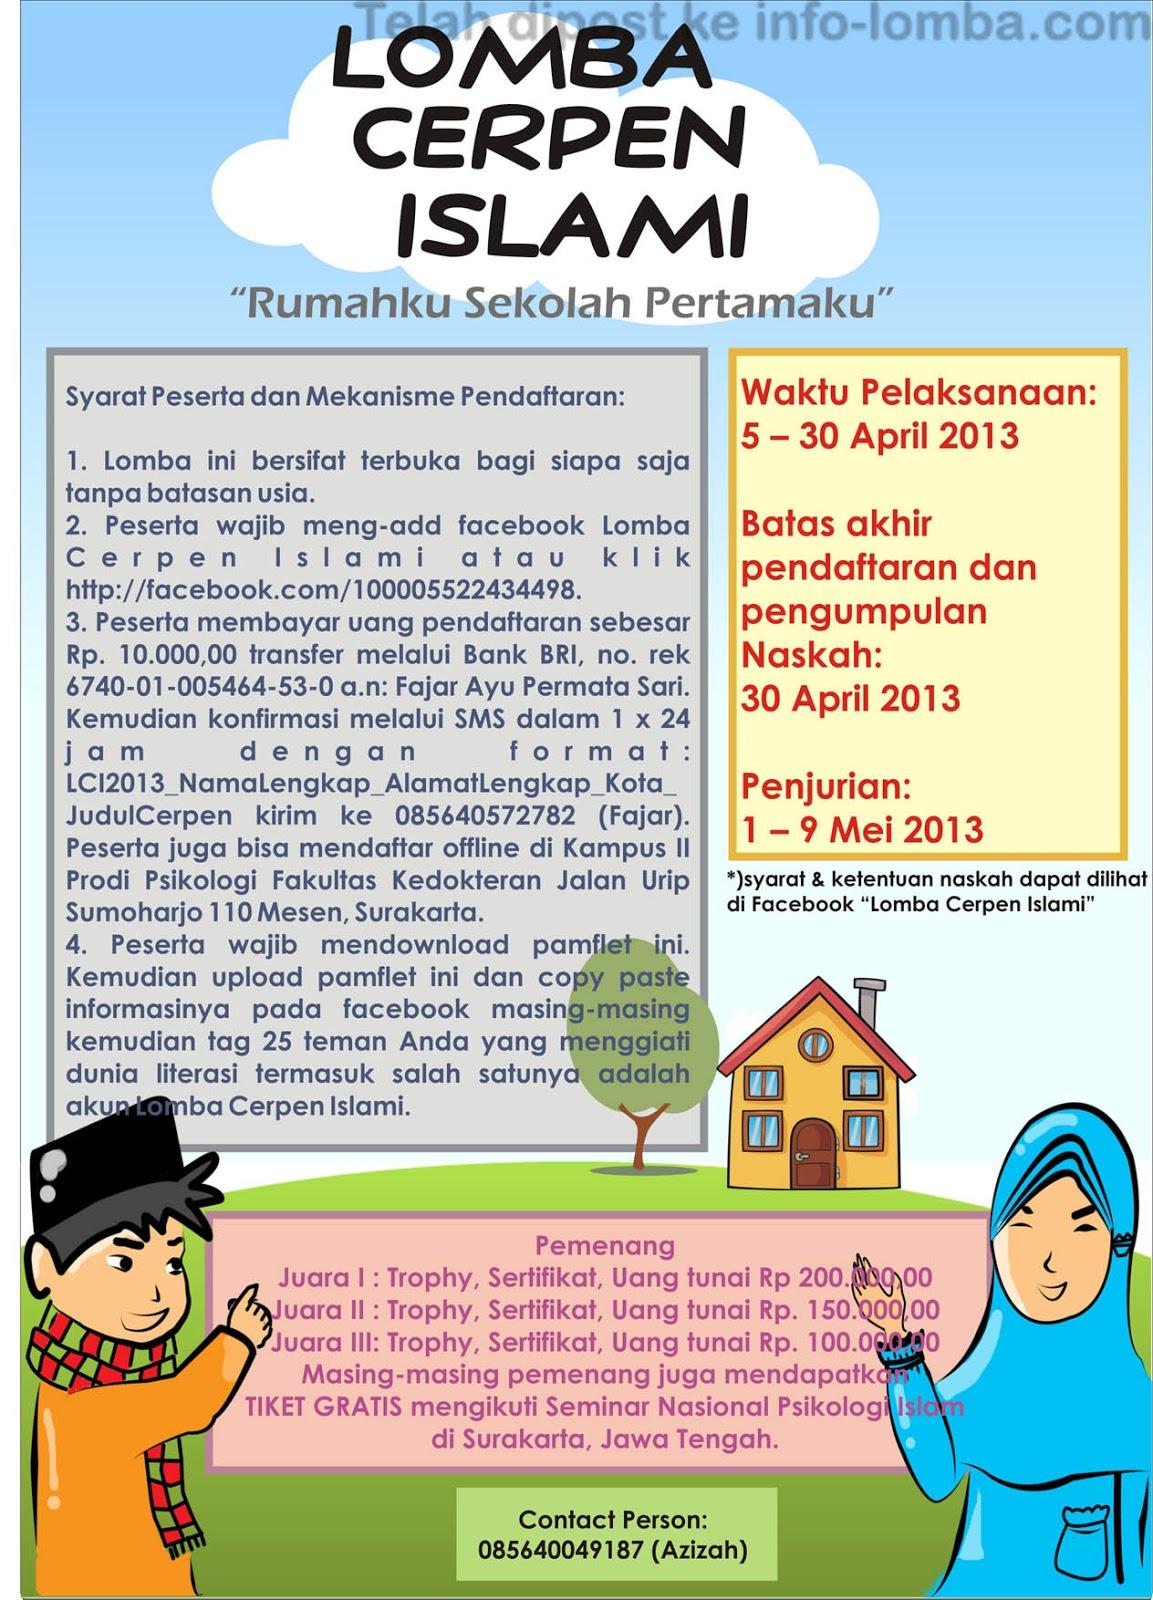 Lomba Cerpen Islami 2013